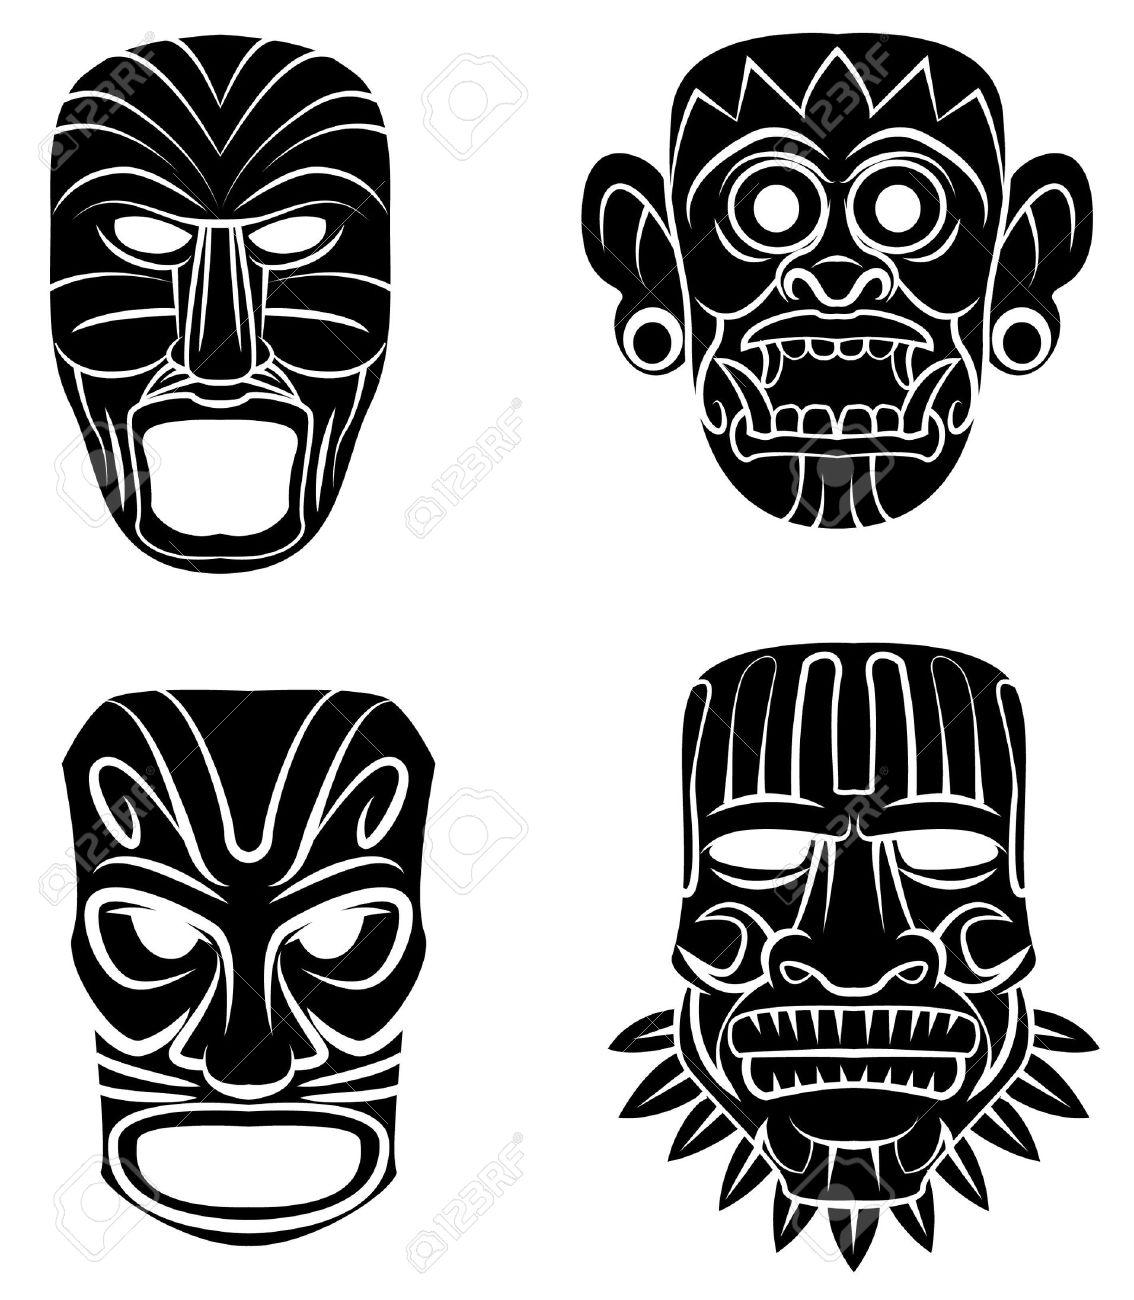 Turbo Masque Africain Banque D'Images, Vecteurs Et Illustrations Libres  BH36